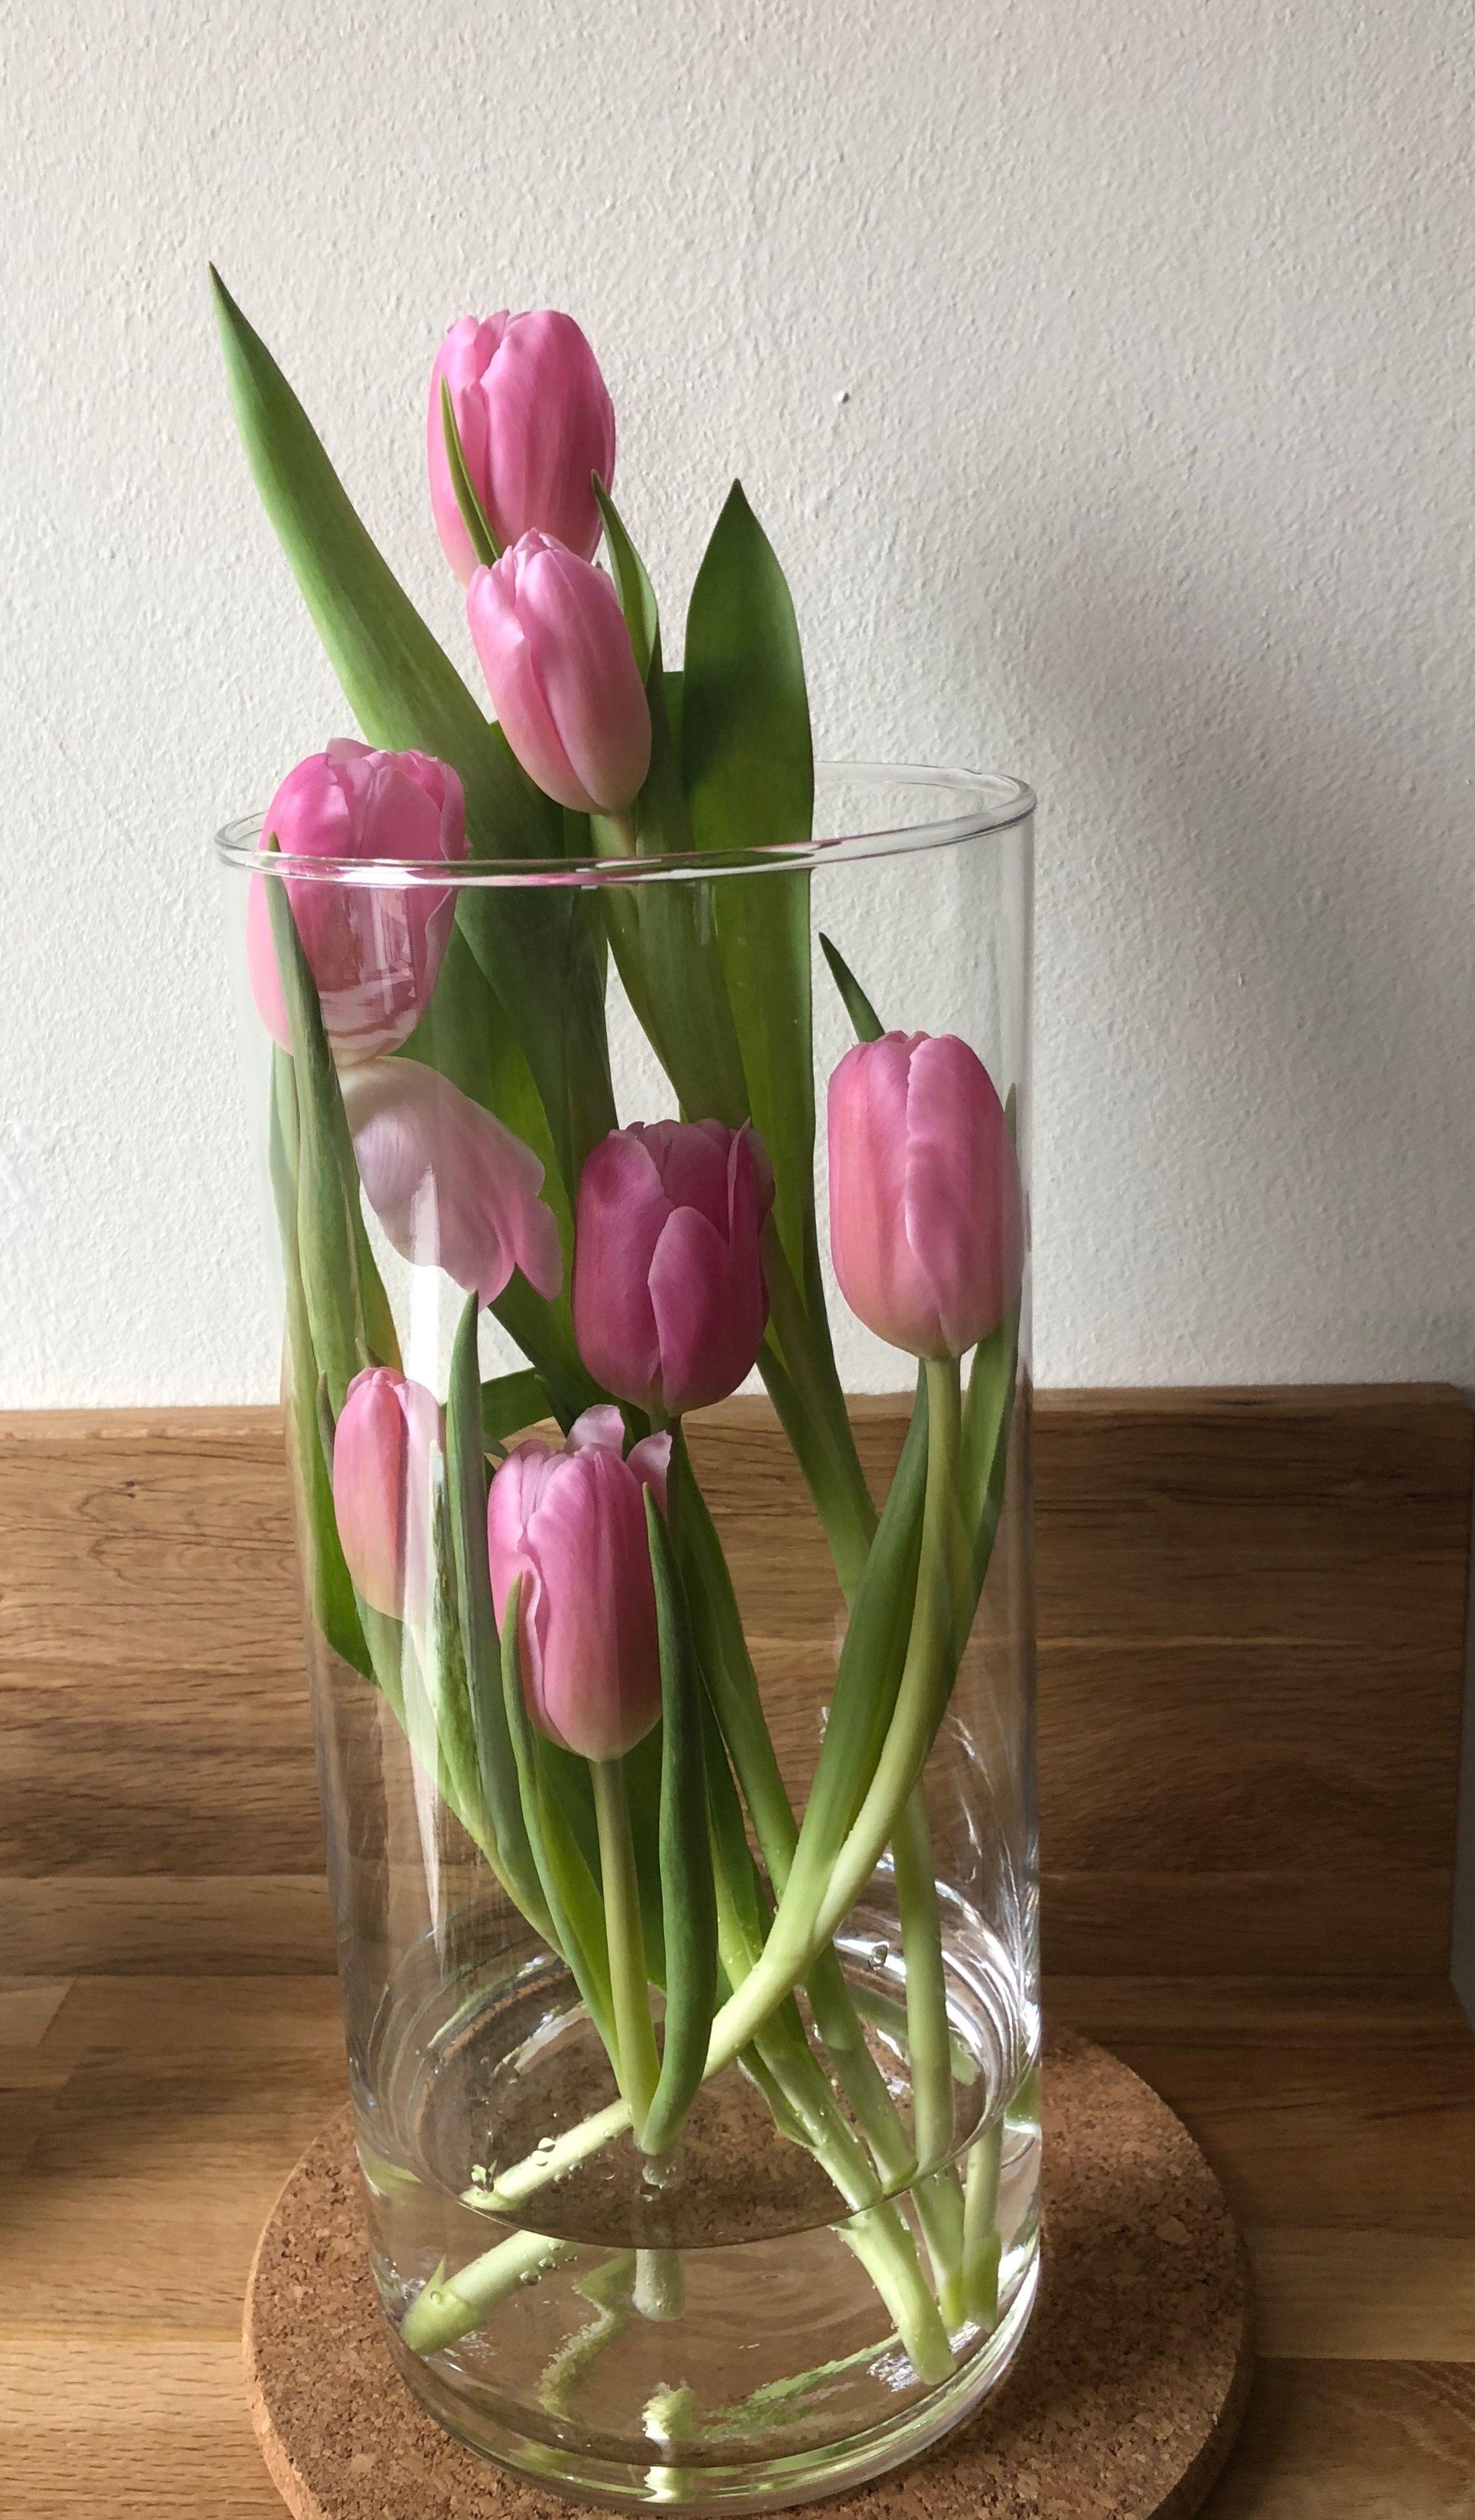 Der Fruhling Kommt Ins Wohnzimmer Tulpen In Der Glasvase Mal Ein Bisschen Anders Glasvase Tulpen Tulpen In Vase